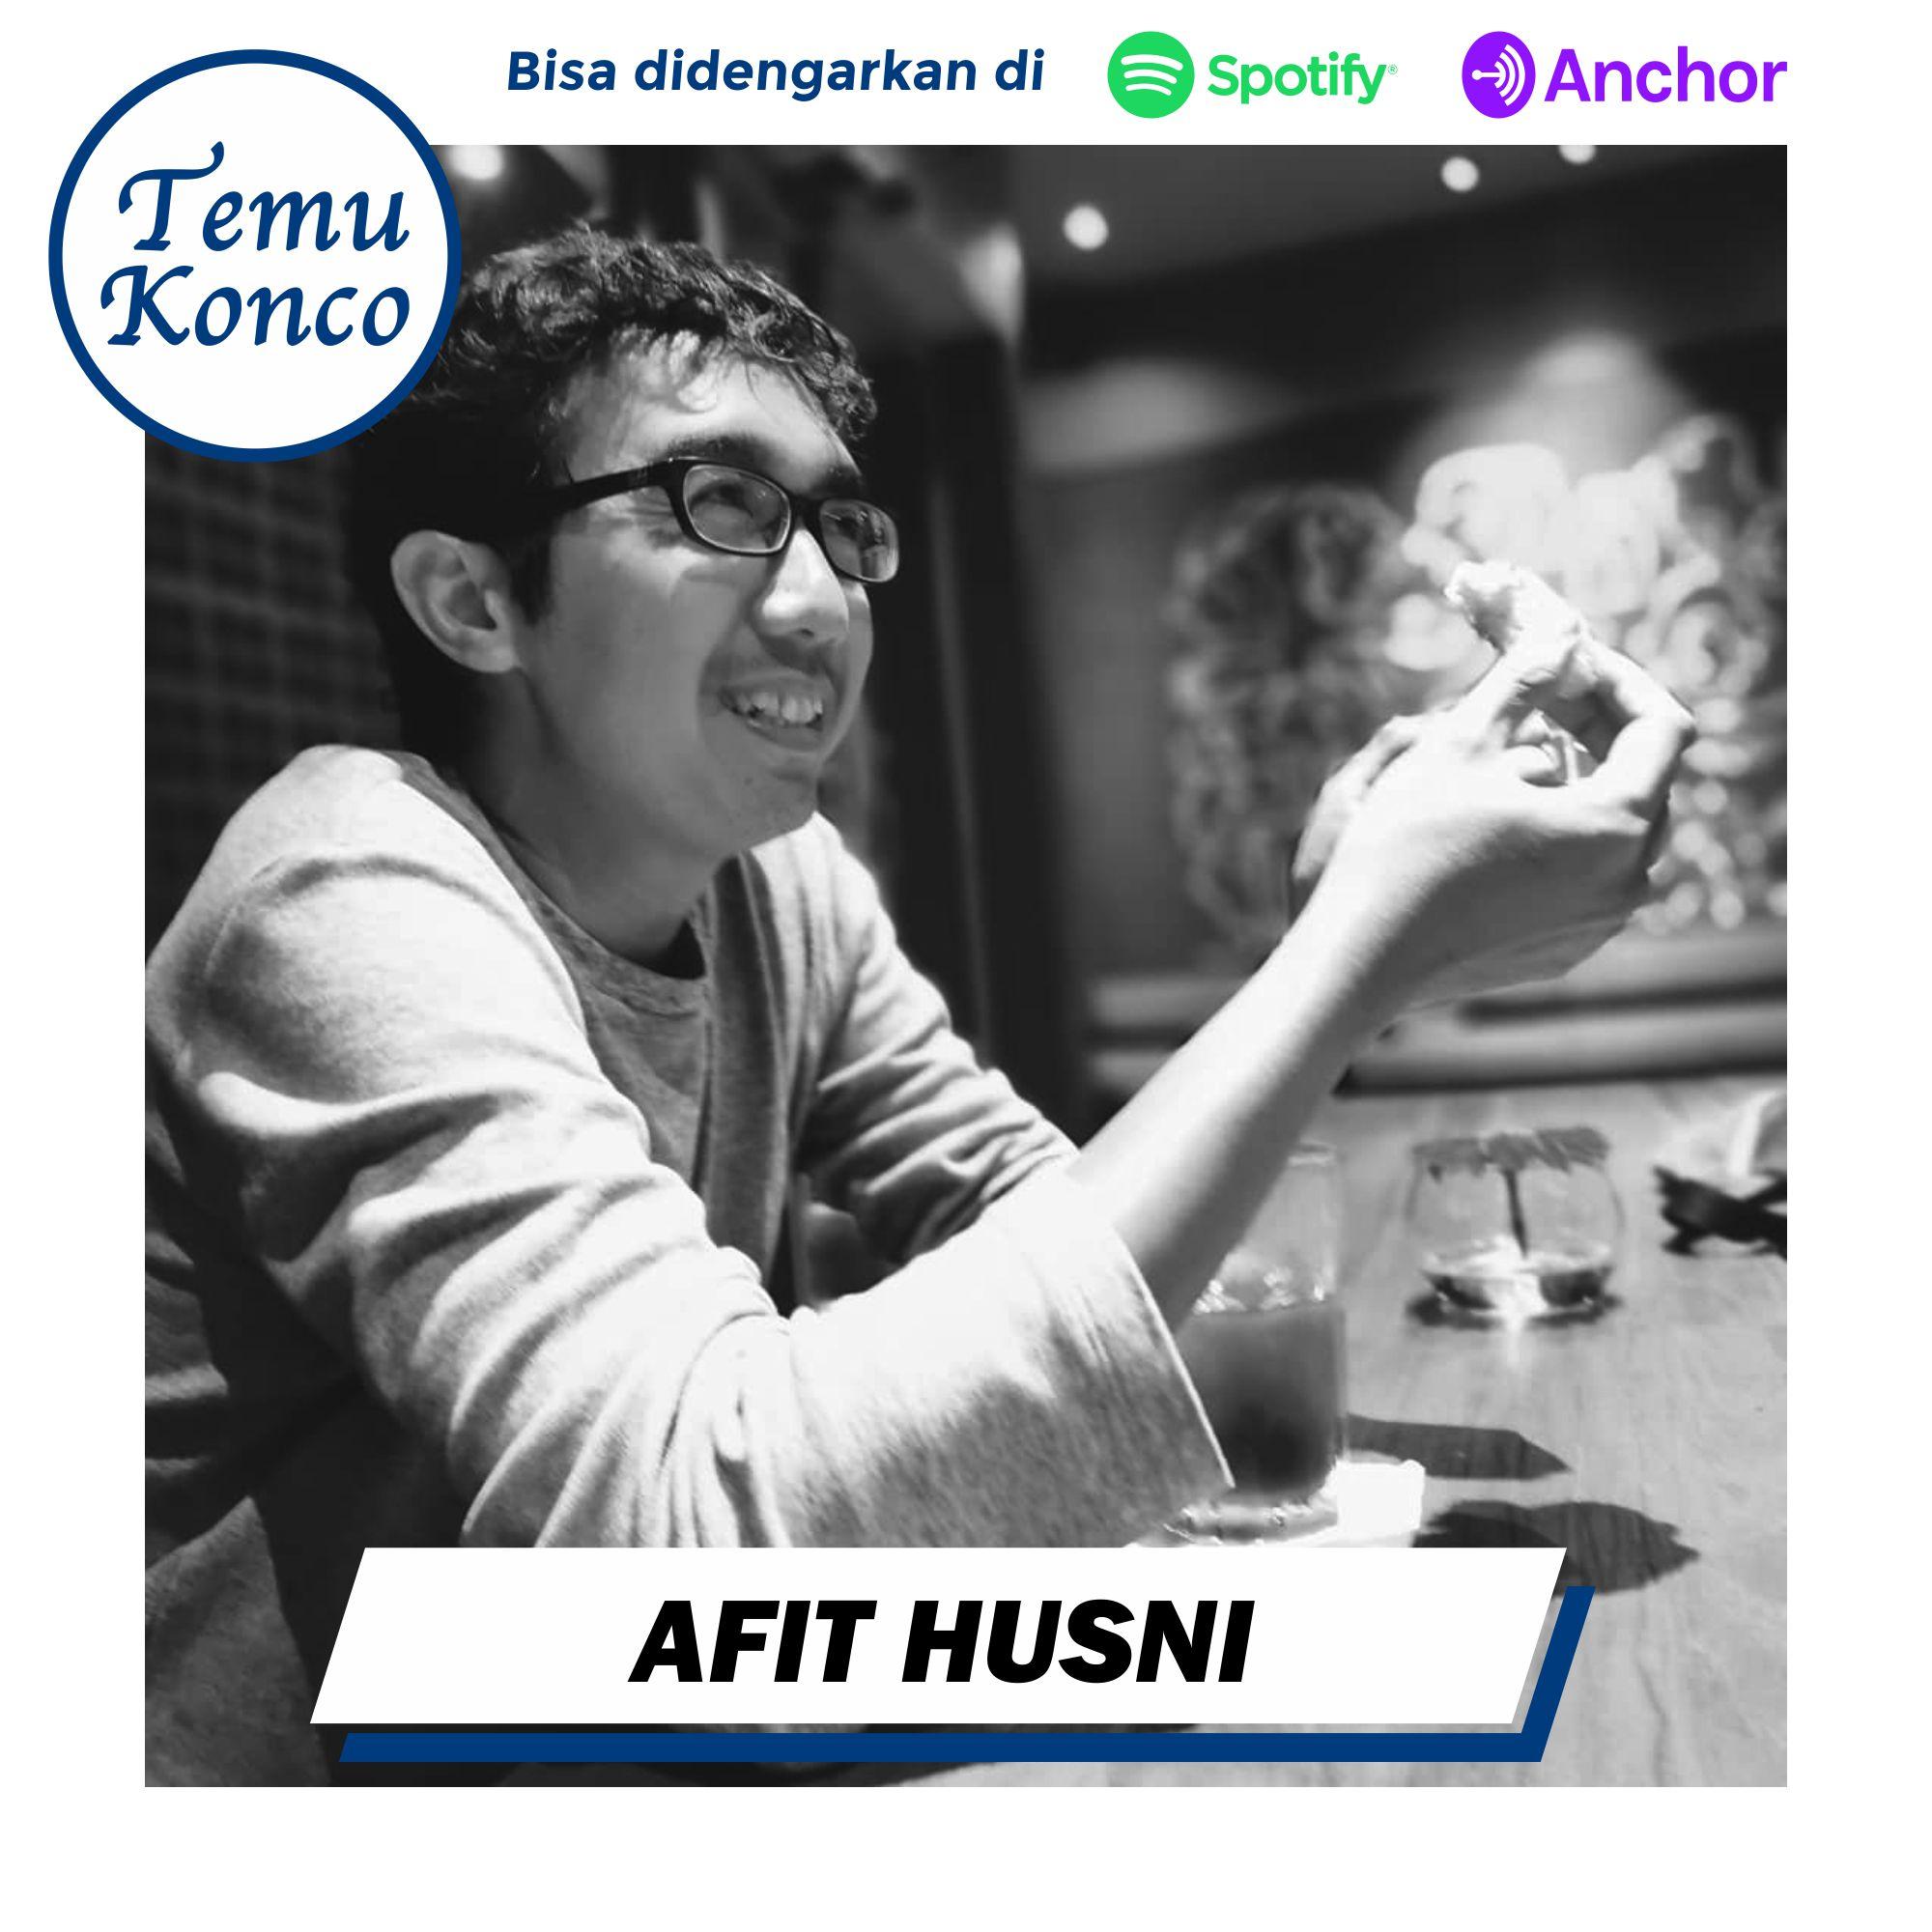 TemuKonco Podcast Eps. 30 Afit Husni - Digital Nomad